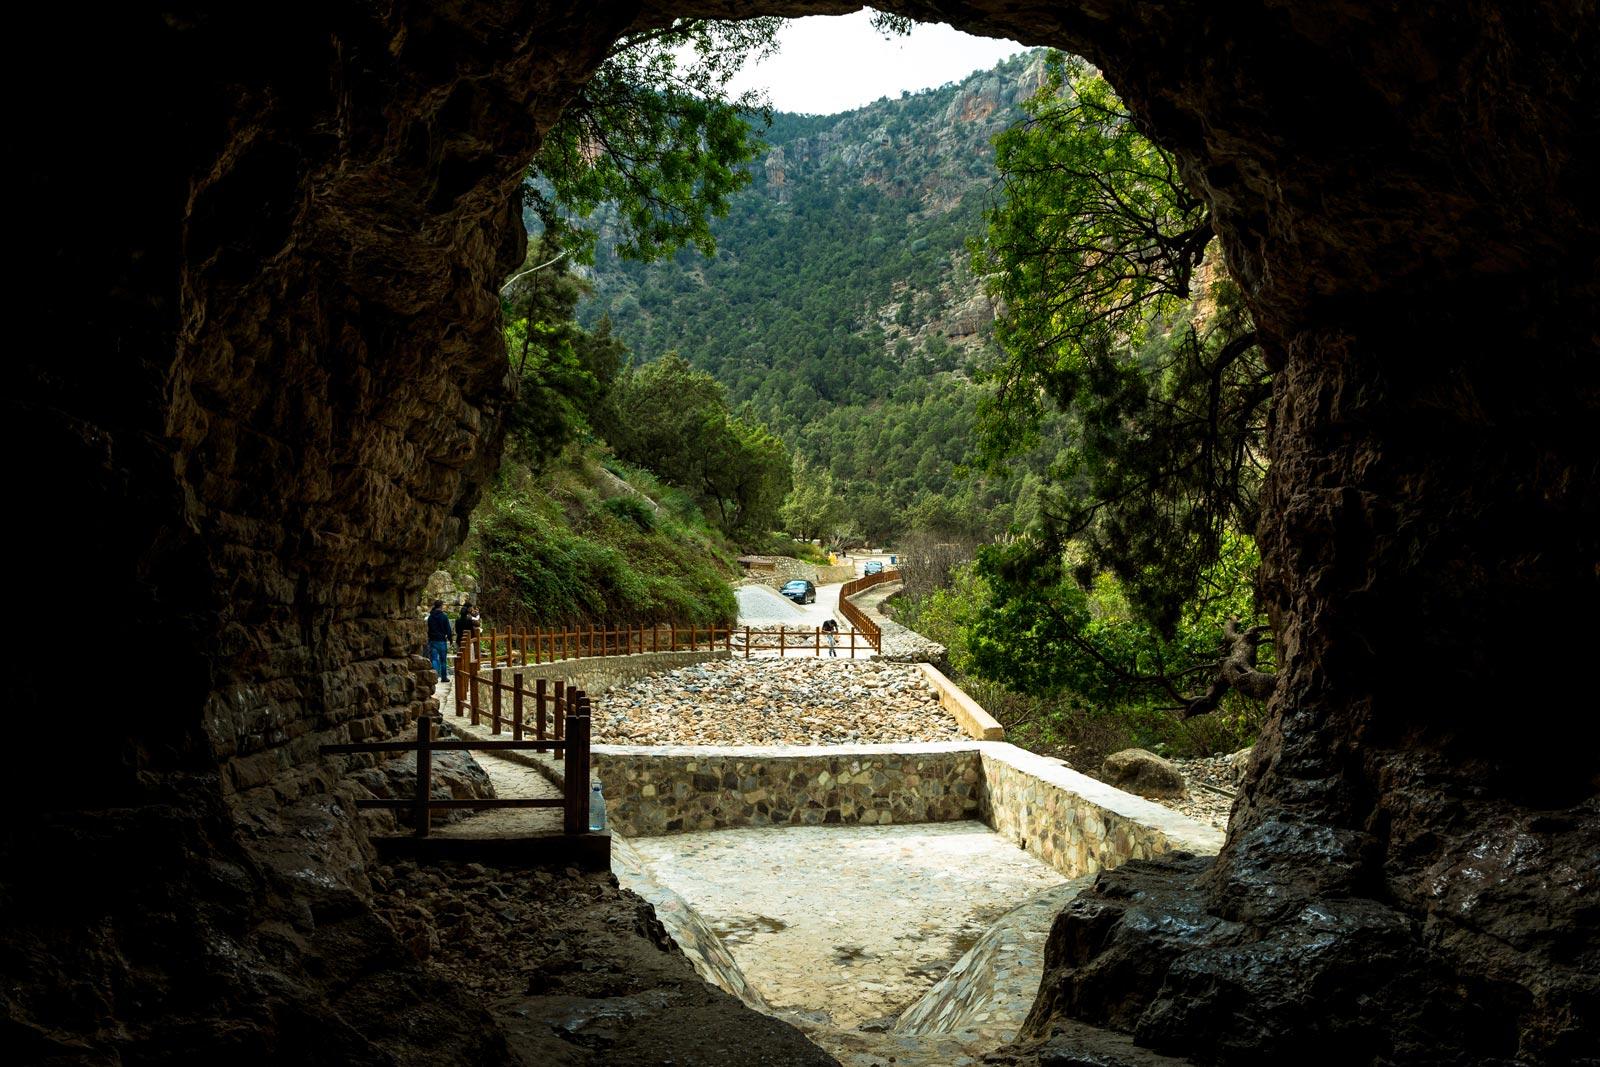 Grotte-du-chameau